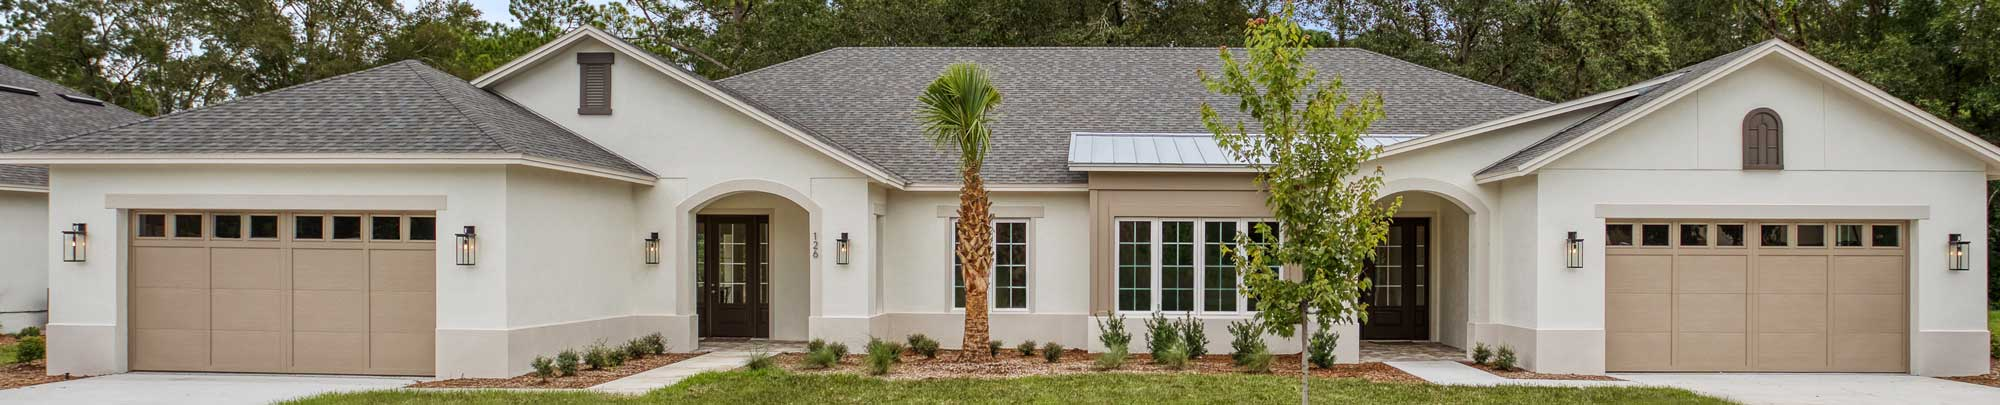 Exterior of luxury senior home in Orlando FL